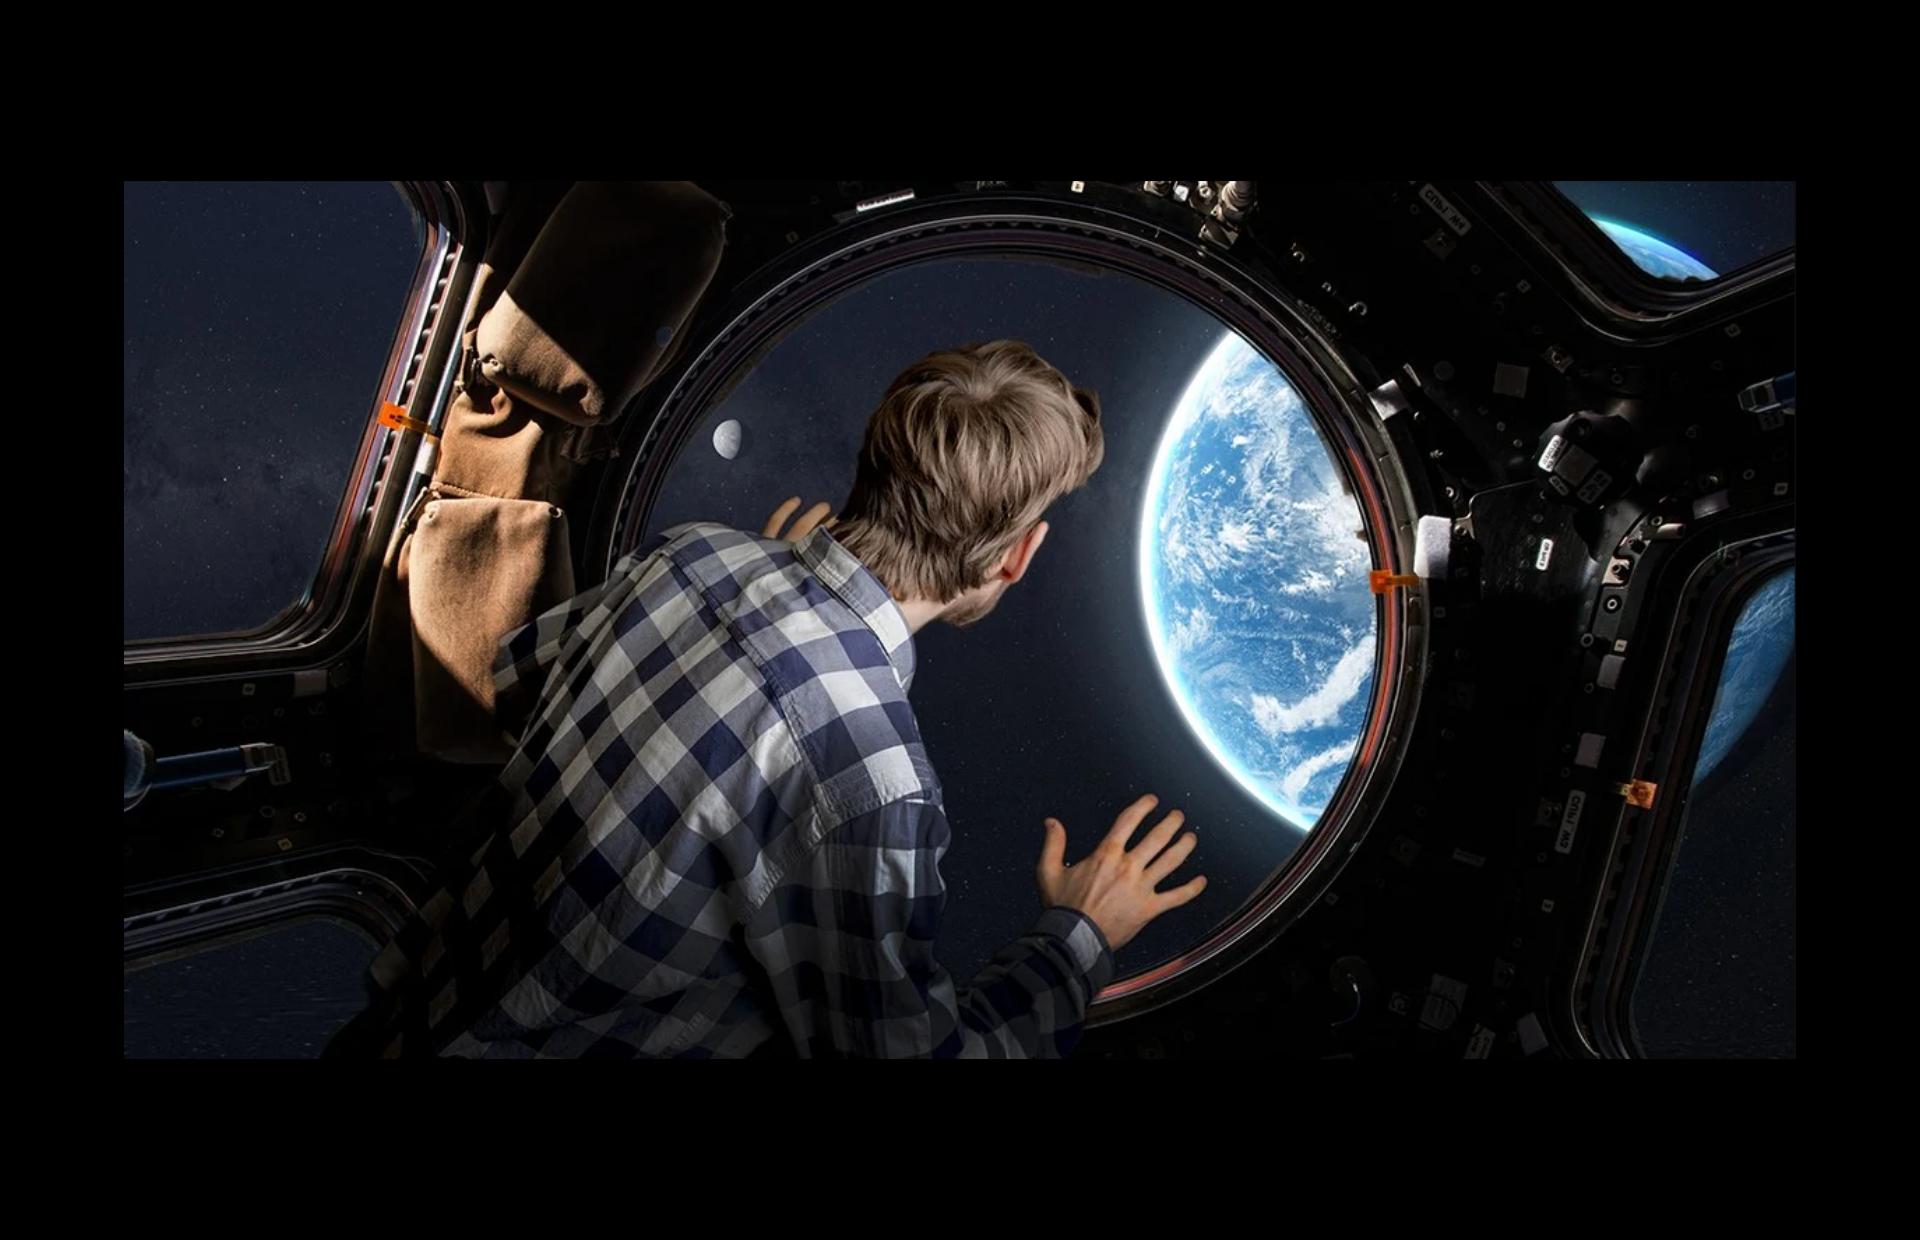 Τουρισμός στο Διάστημα;